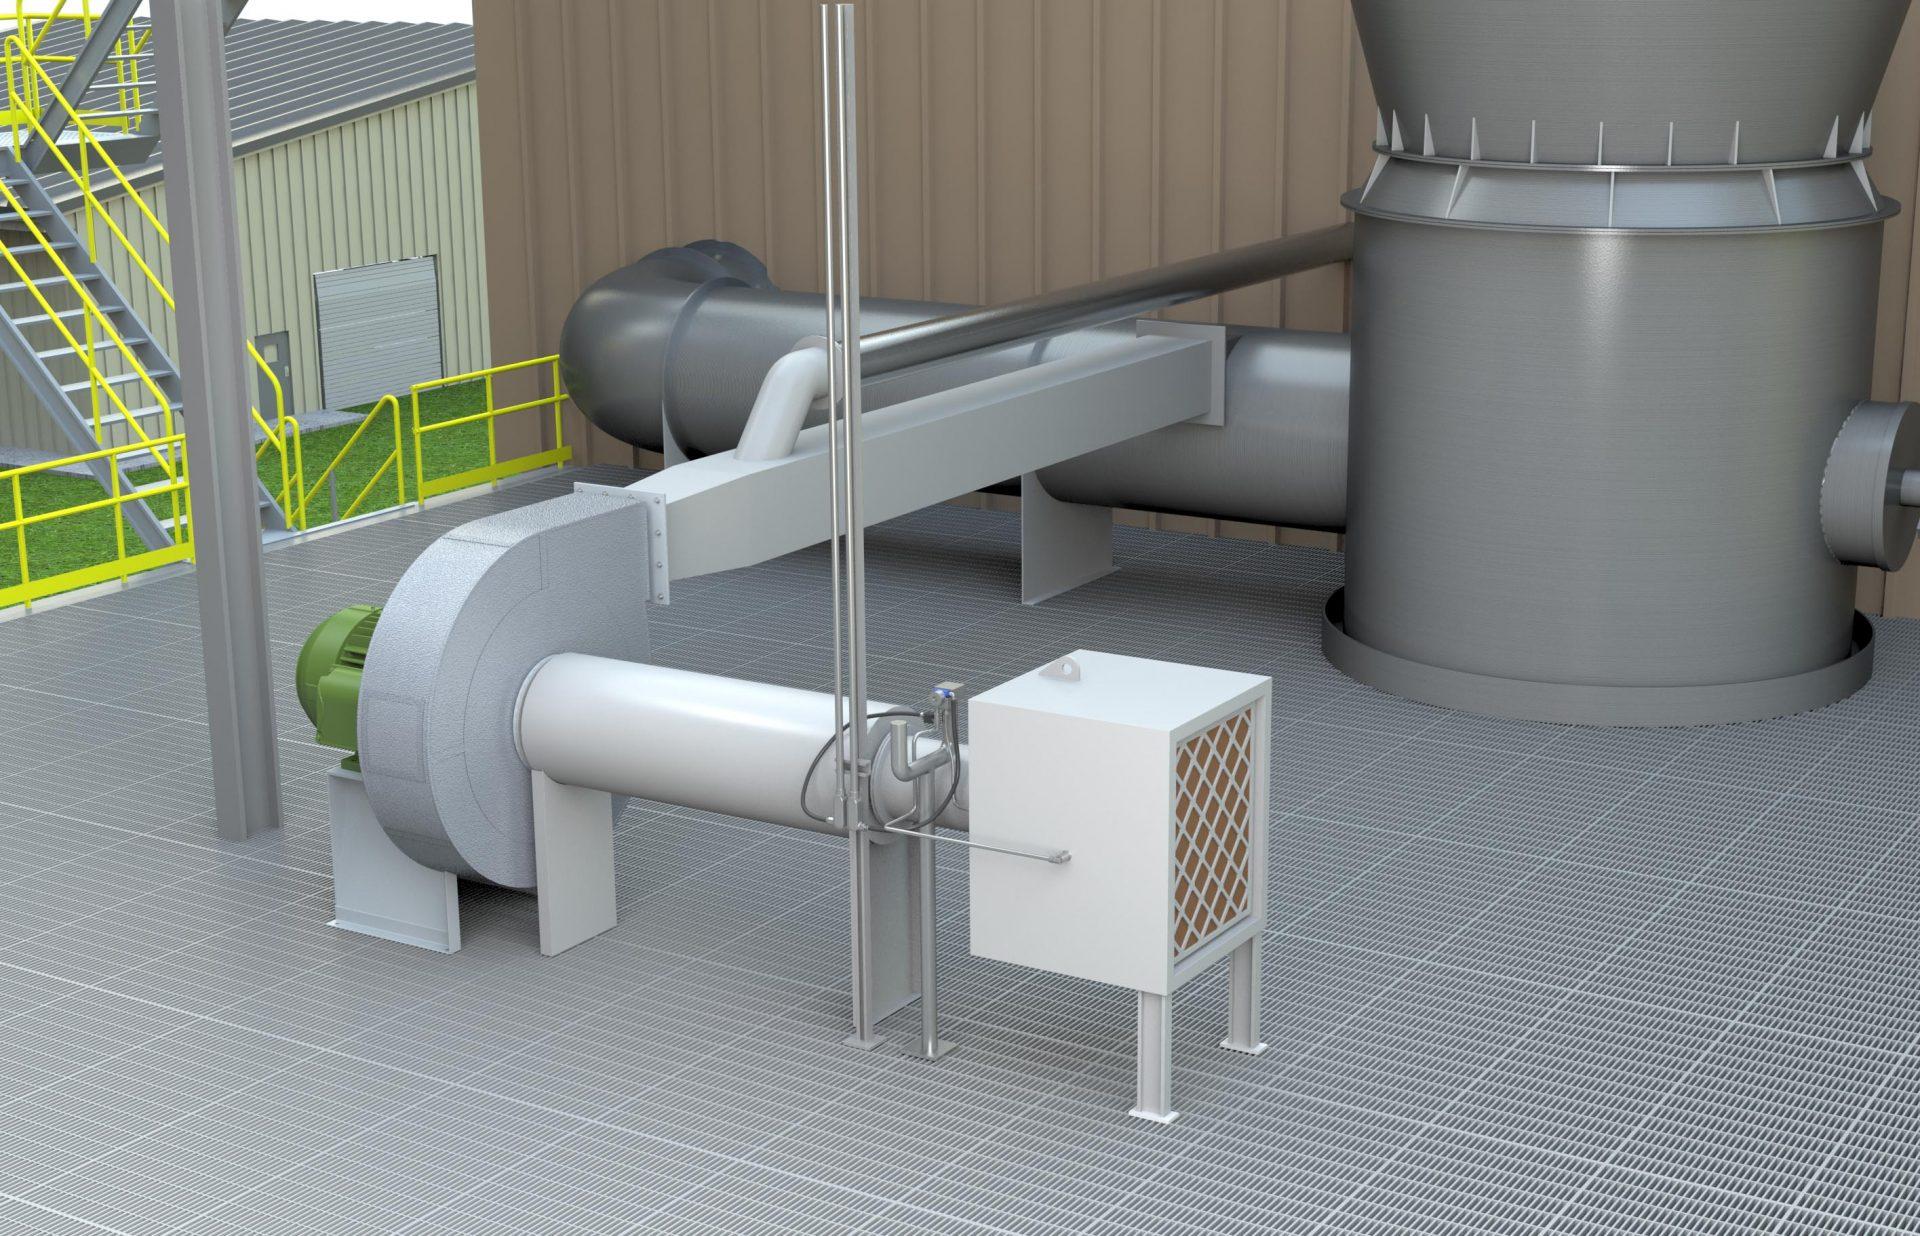 TBR Fluidizing Dryer